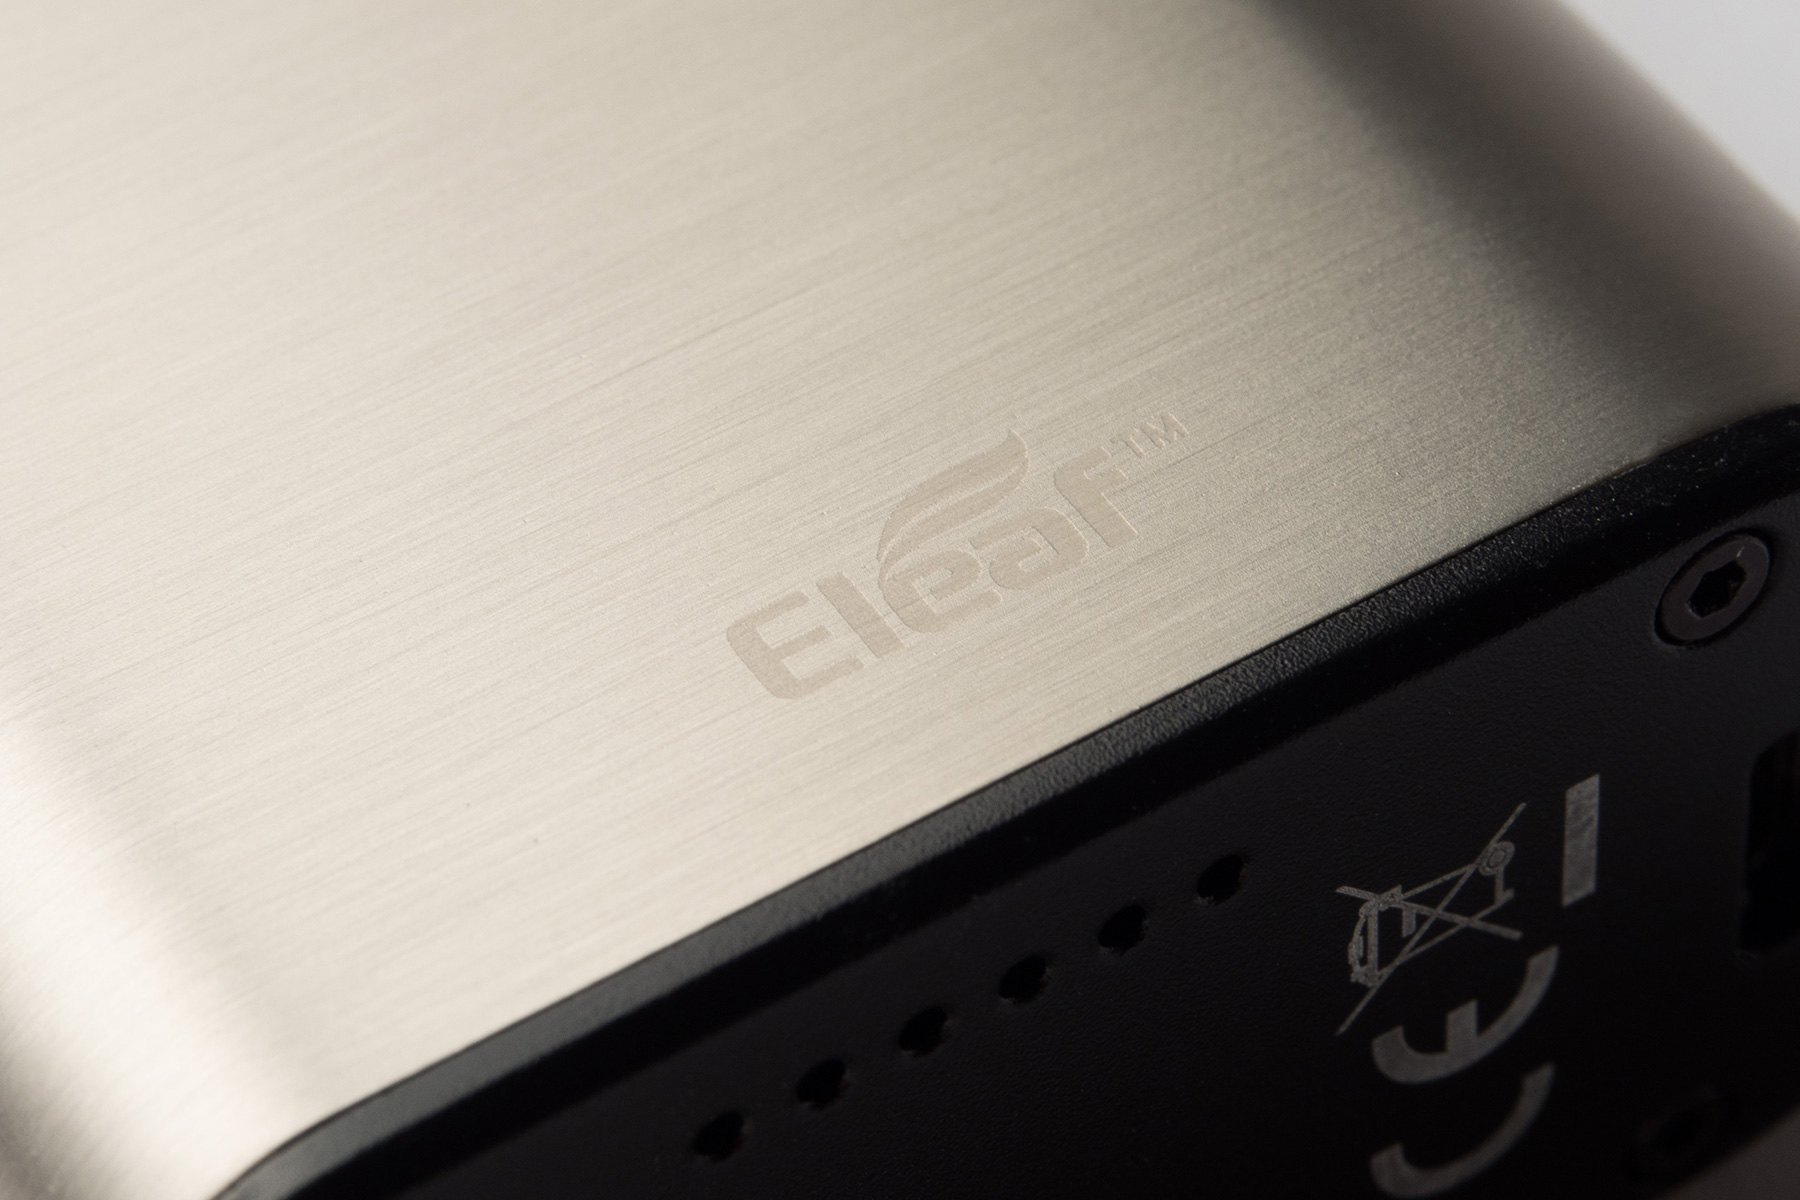 【テクニカルMOD】iStick QC 200W 「アイスティック・キューシー」 (Eleaf/イーリーフ)レビュー